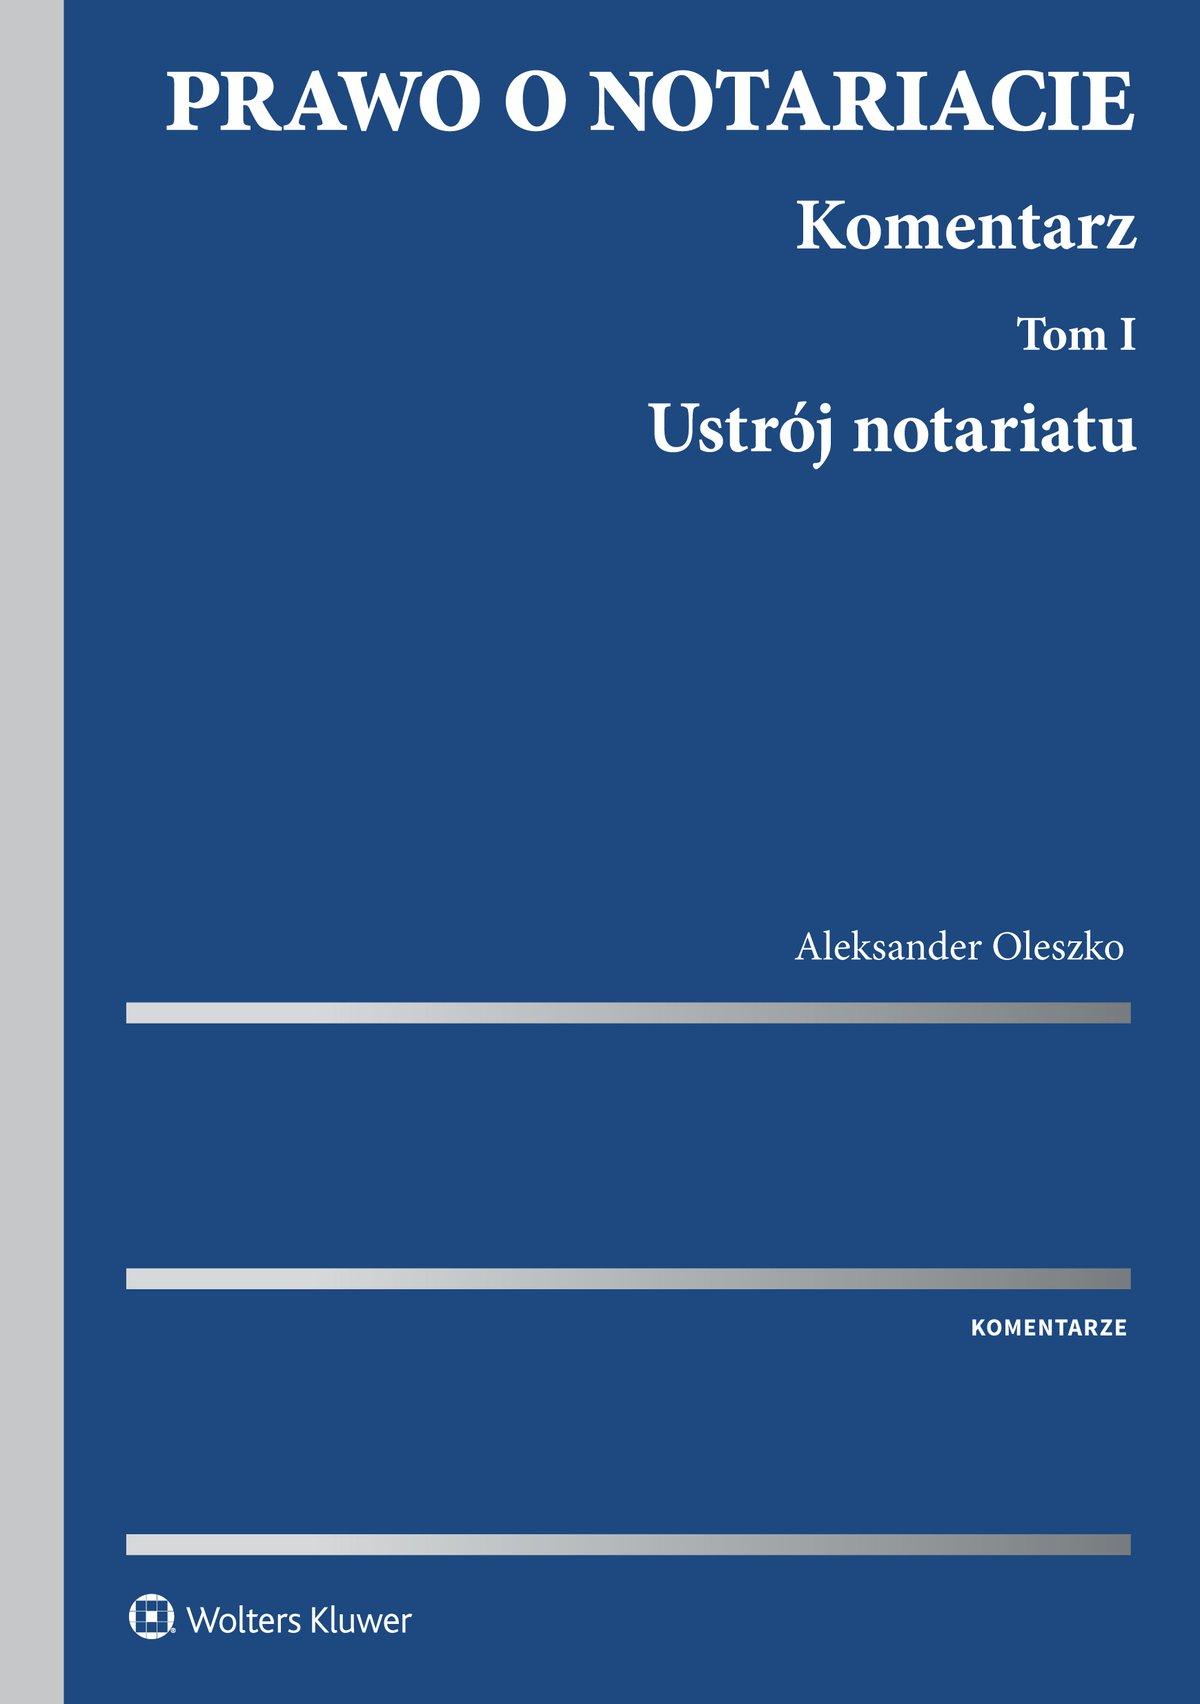 Prawo o notariacie. Komentarz. Tom I. Ustrój notariatu - Ebook (Książka PDF) do pobrania w formacie PDF